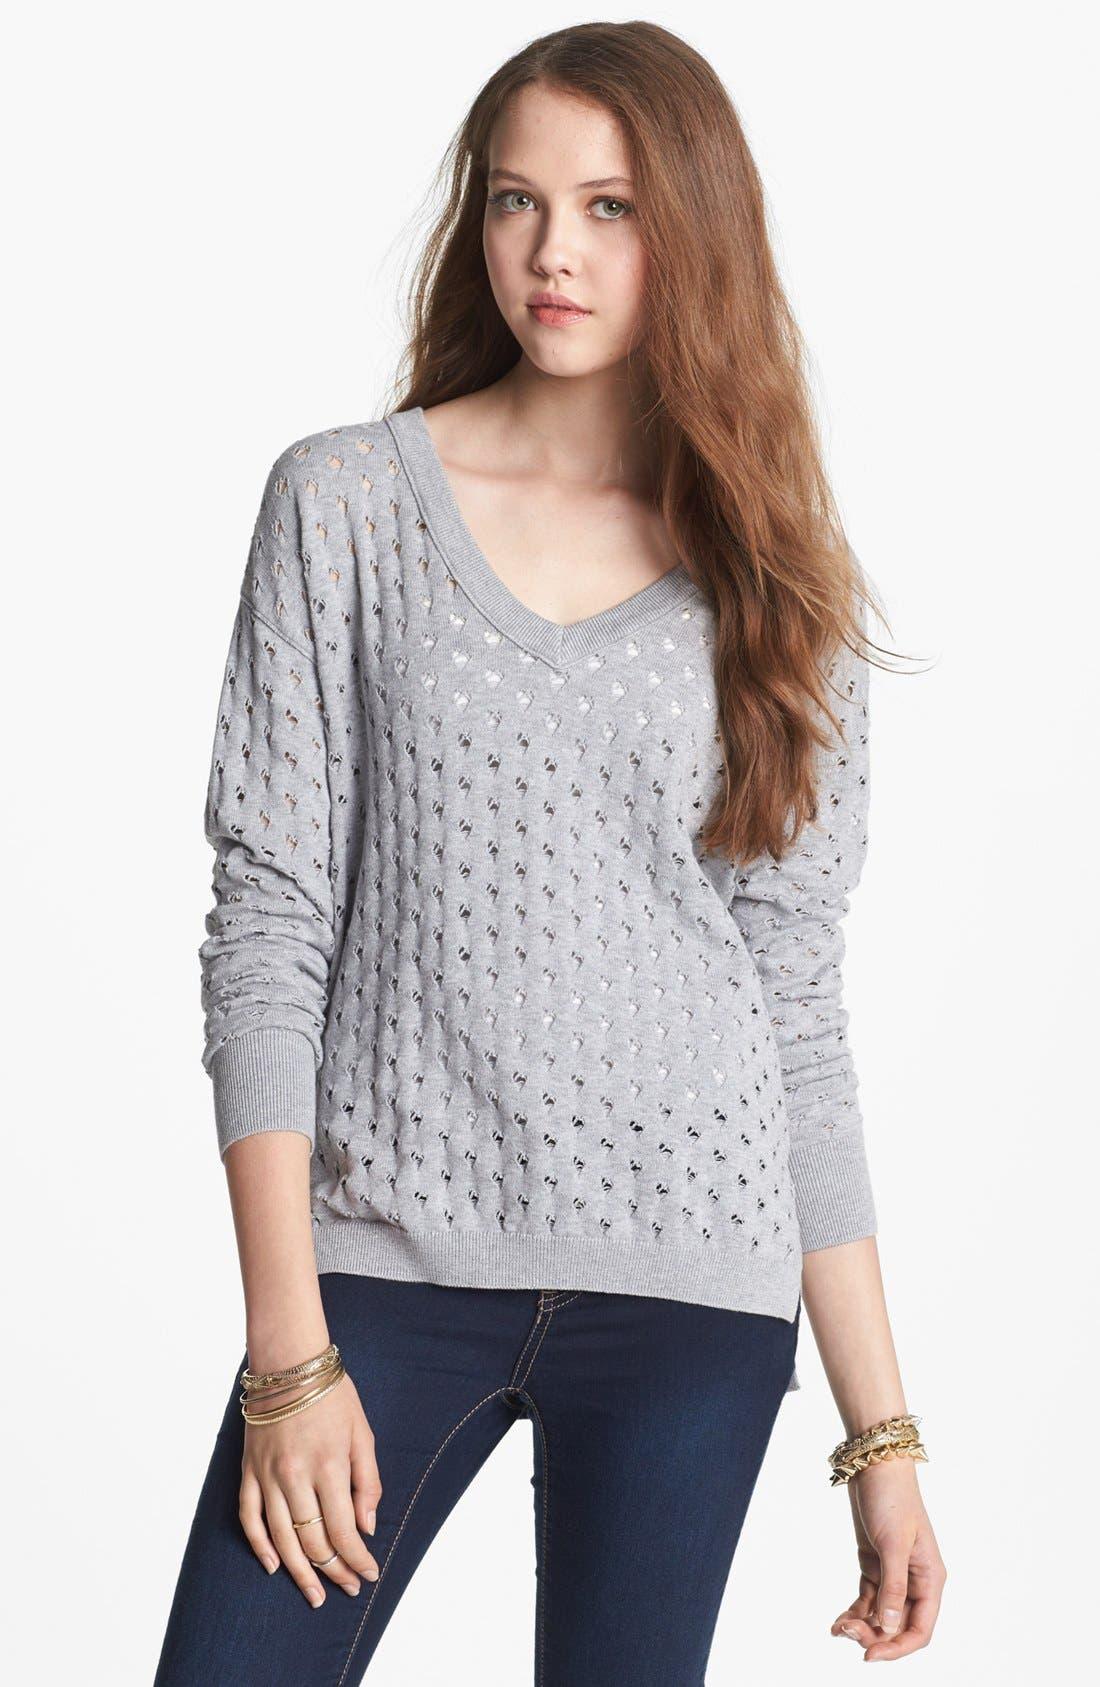 Alternate Image 1 Selected - BP. Pointelle V-Neck Sweater (Juniors)